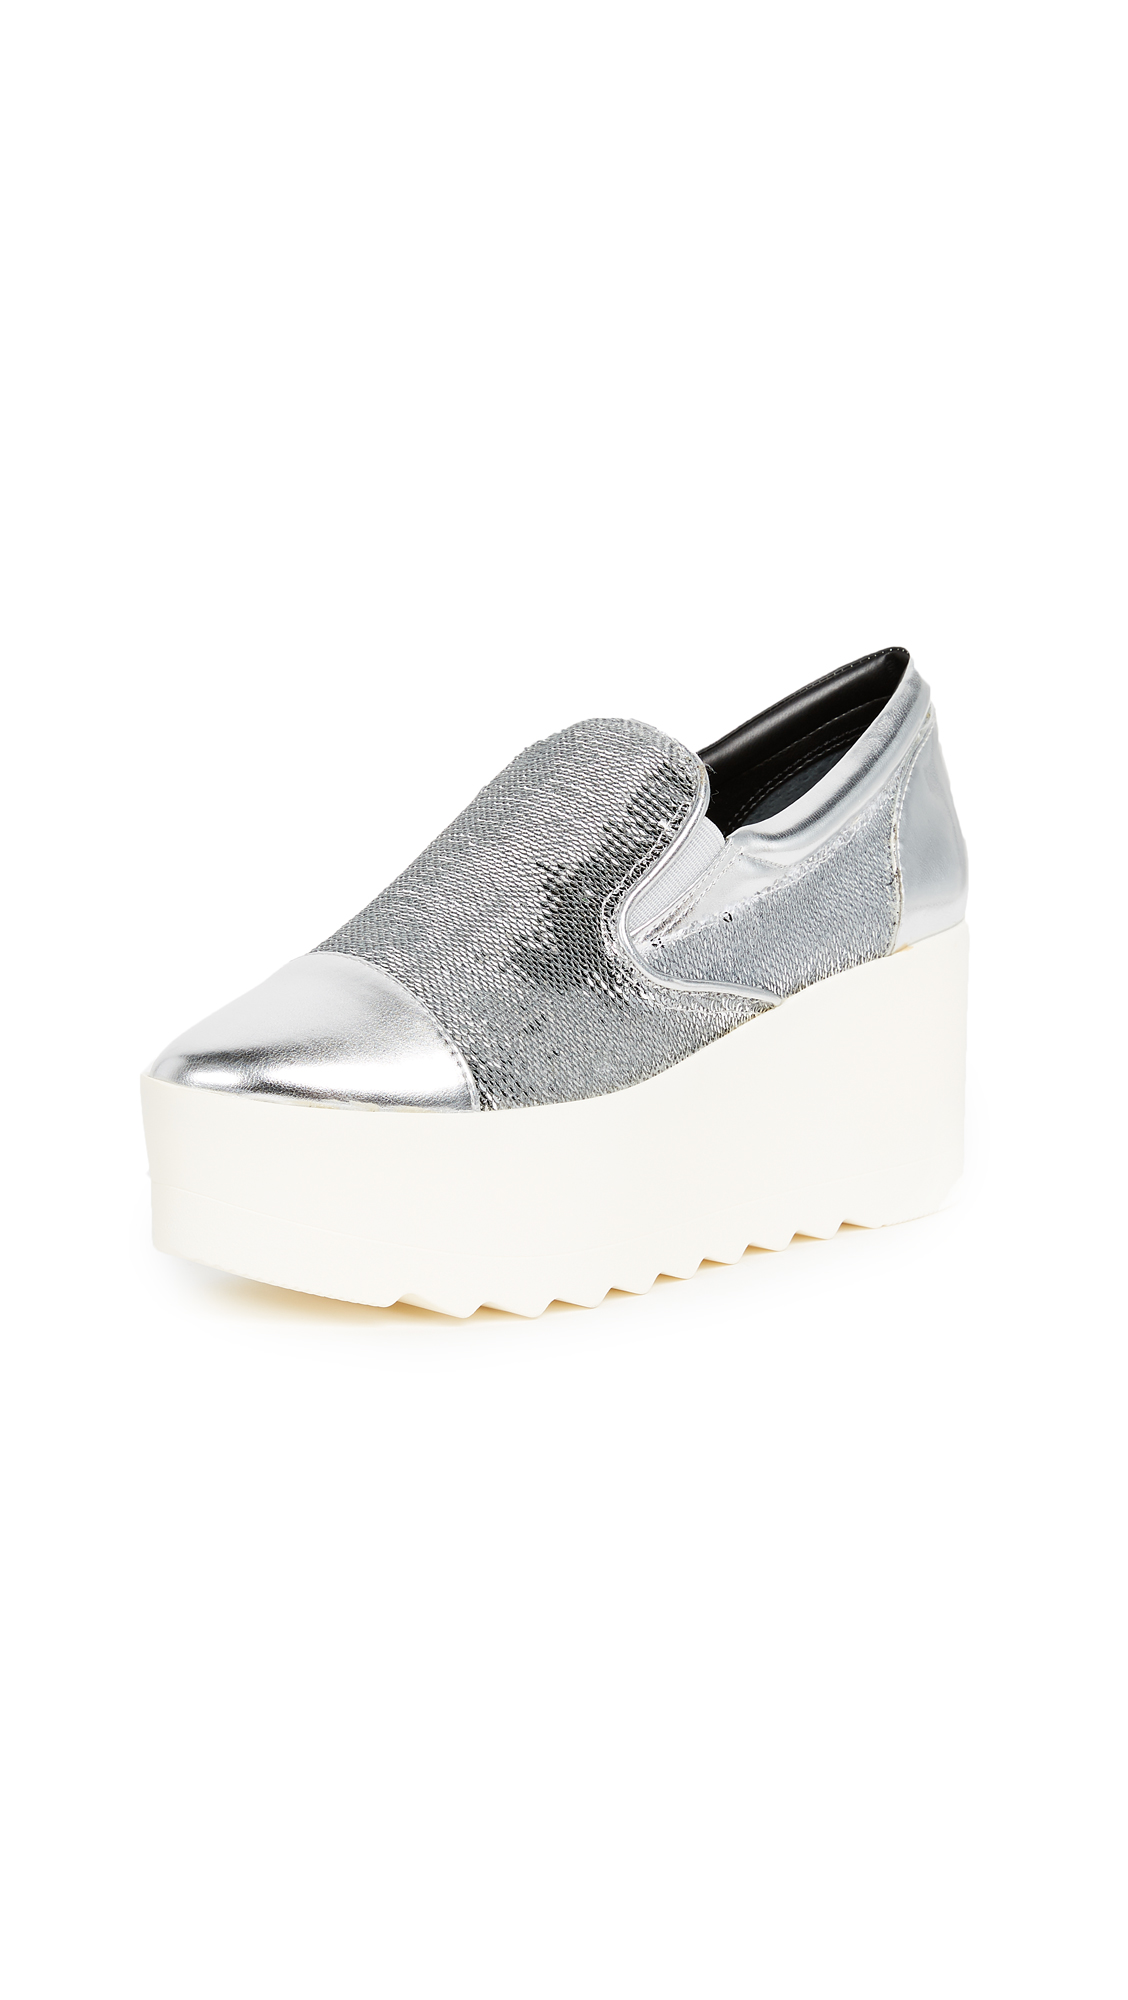 KENDALL + KYLIE Tanya Platform Sneakers - Silver Multi